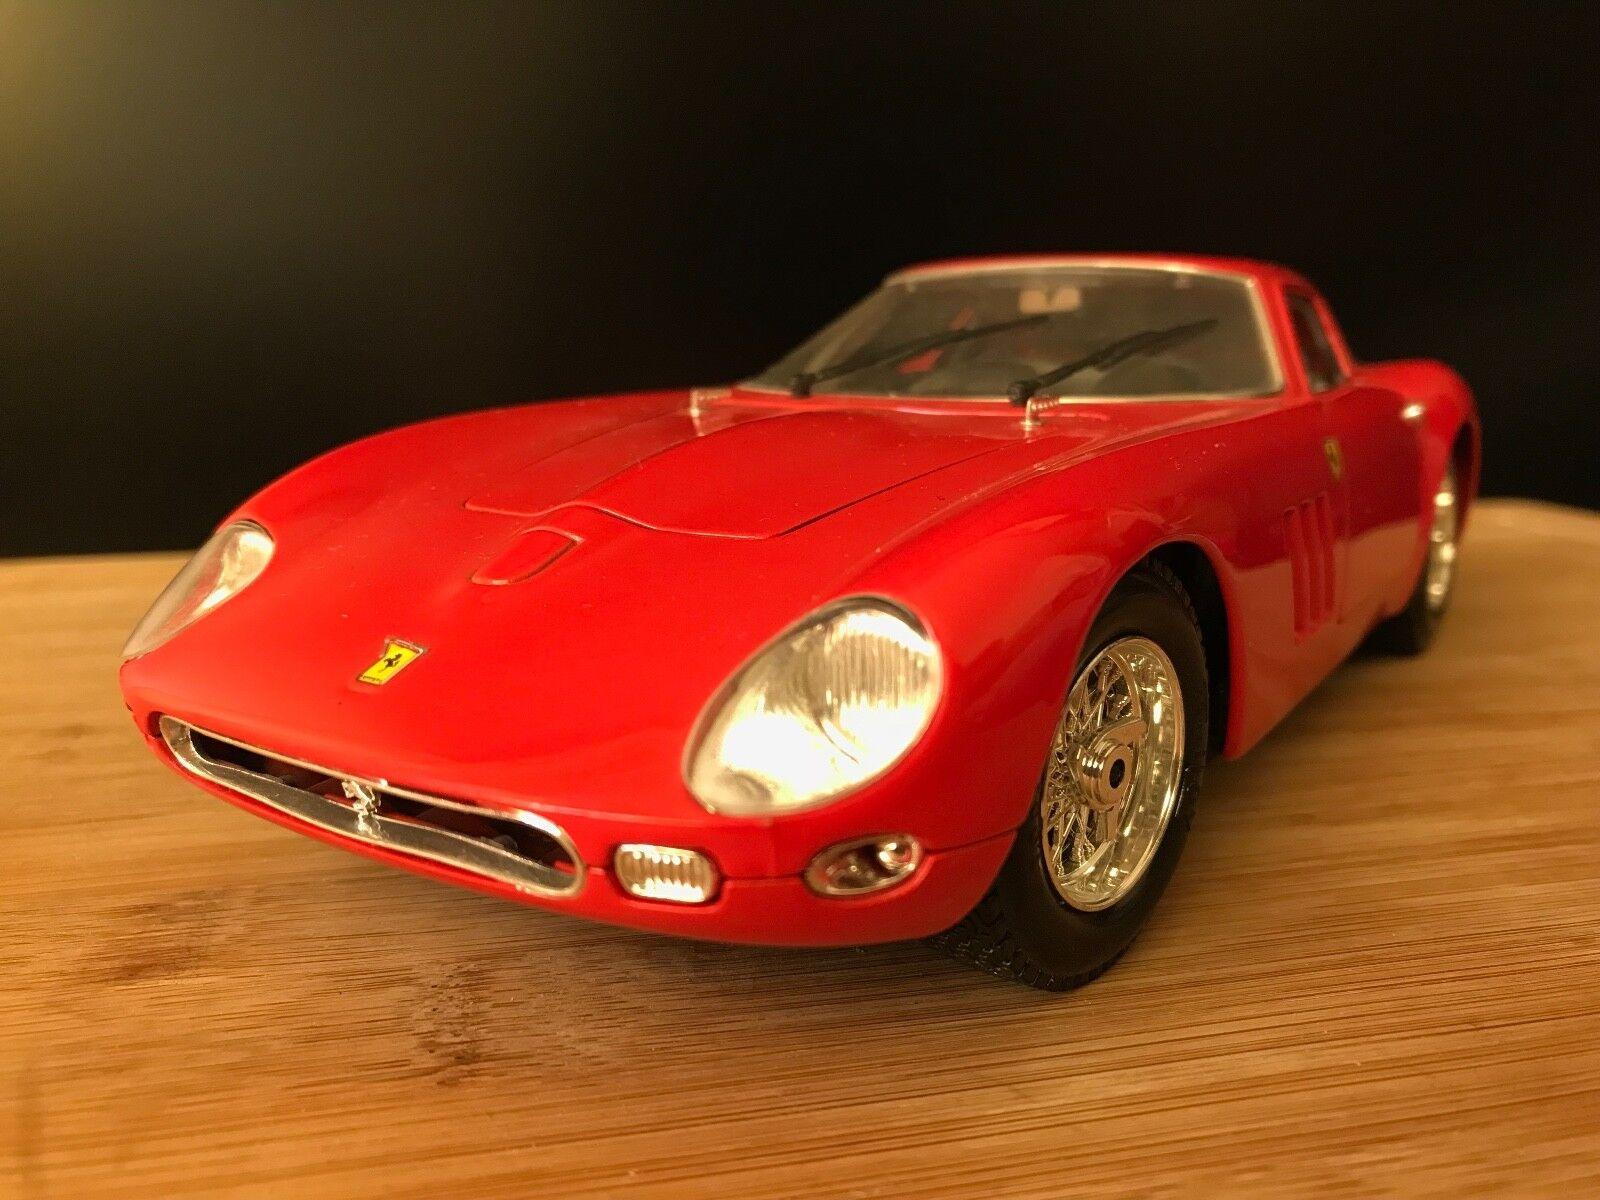 Modellauto 1 18, Ferrari 250 GTO (1964), Unbespielt,  VB  | Für Ihre Wahl